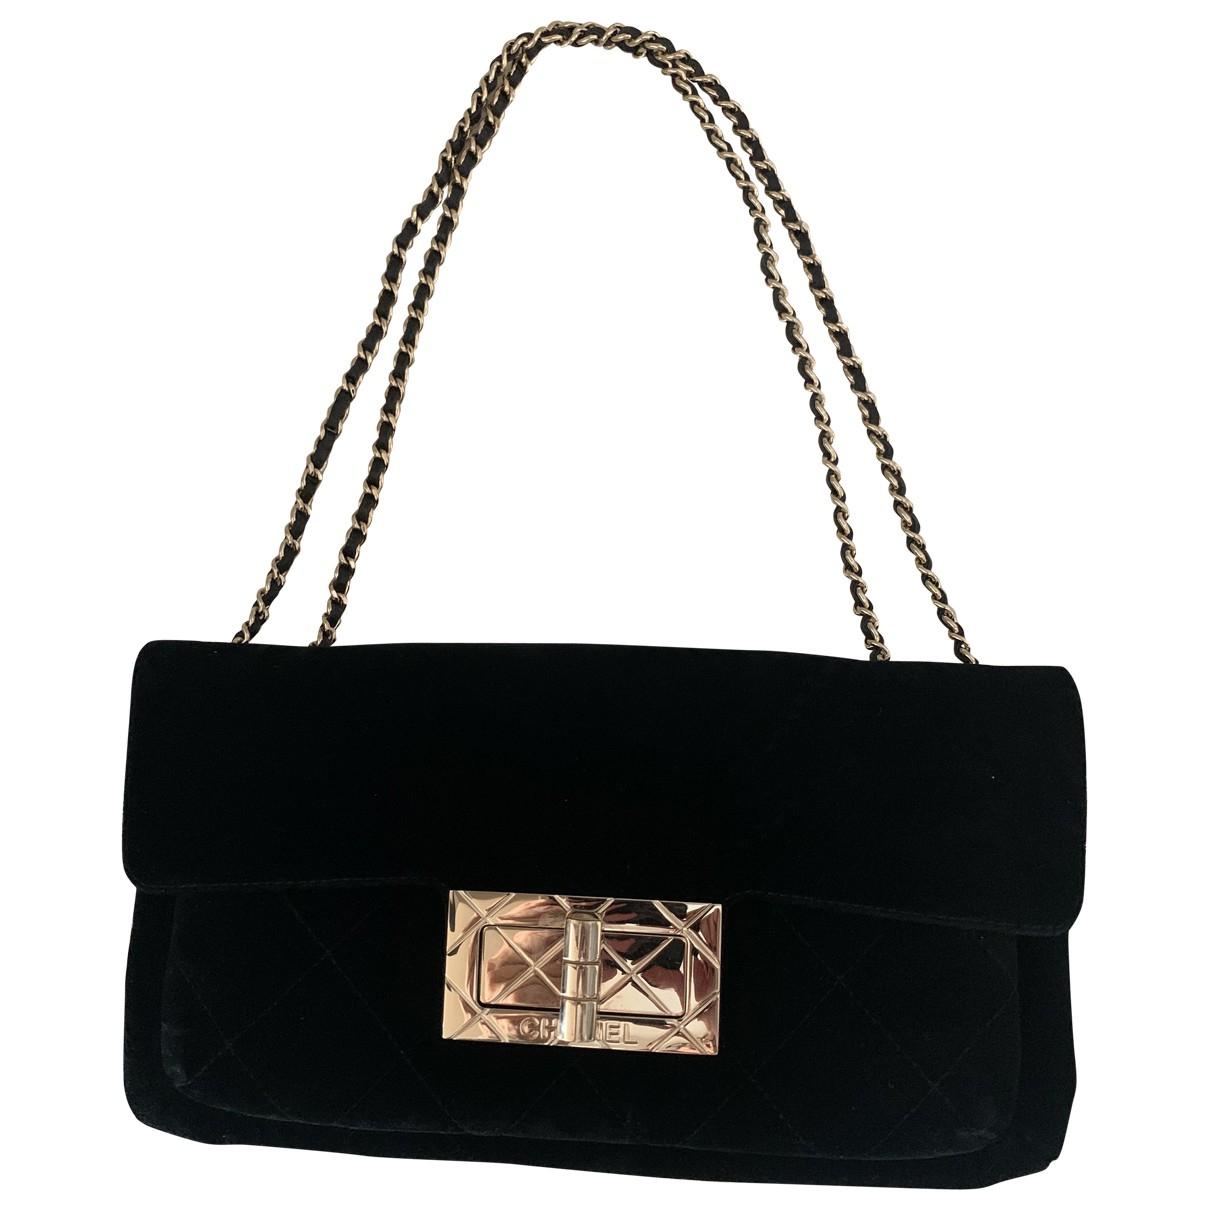 Chanel - Sac a main   pour femme en velours - noir